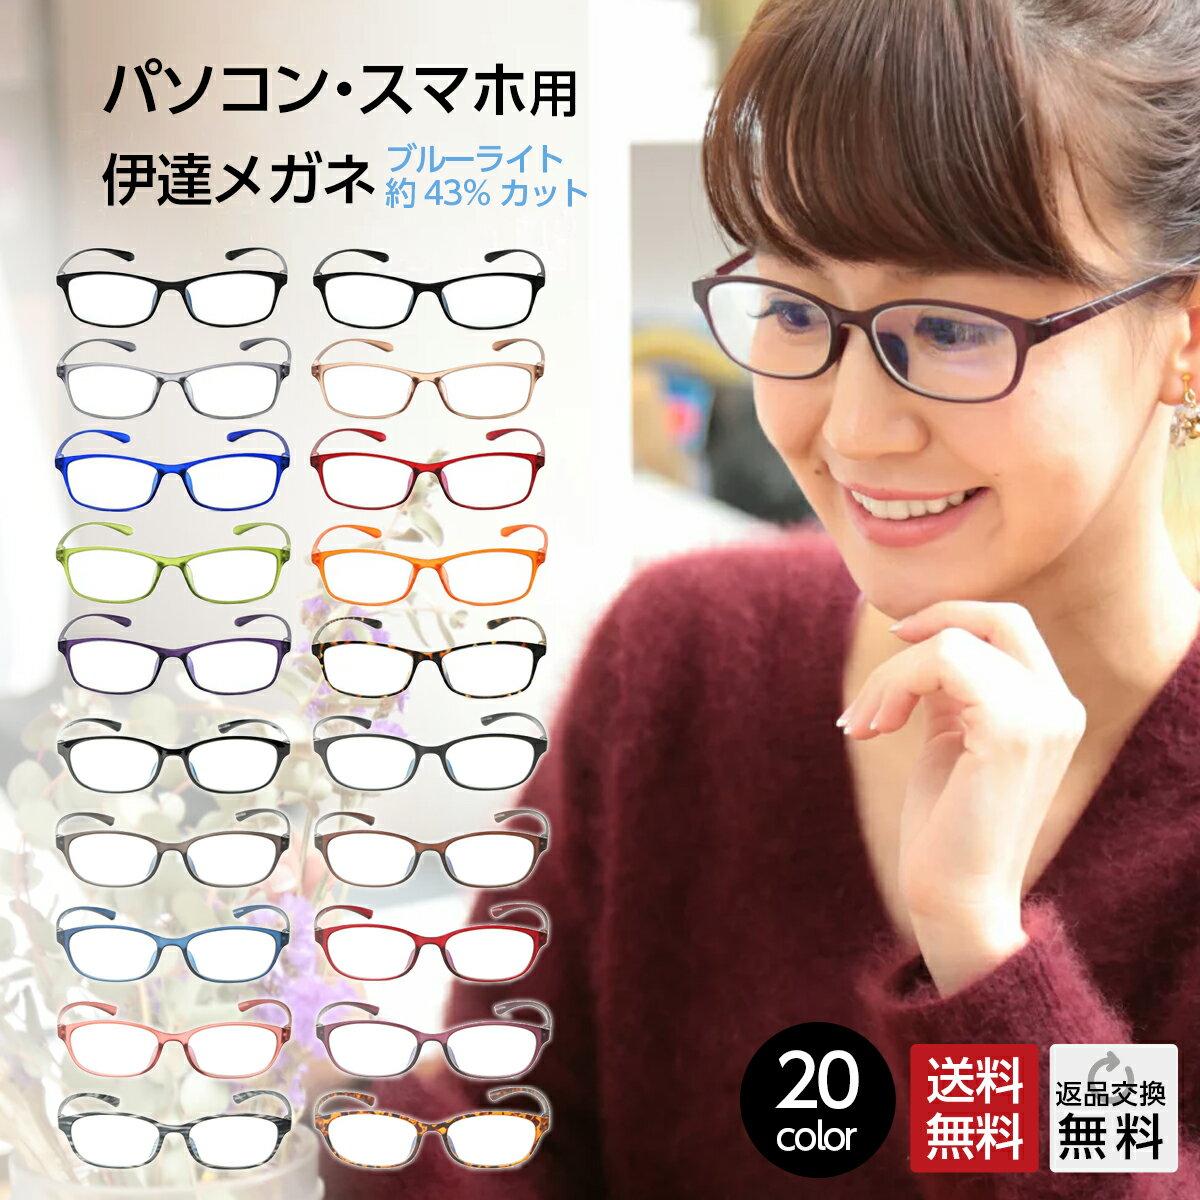 伊達メガネ ブルーライトカット43% 紫外線カット99% 超軽量 PCメガネ 軽すぎて羽のようなかけ心地 男性用 女性用 子供 ボーイ ガール メンズ レディース キッズ おしゃれ 全20カラー pc用 眼鏡 スクエア オーバル 青色光カット パソコンメガネ